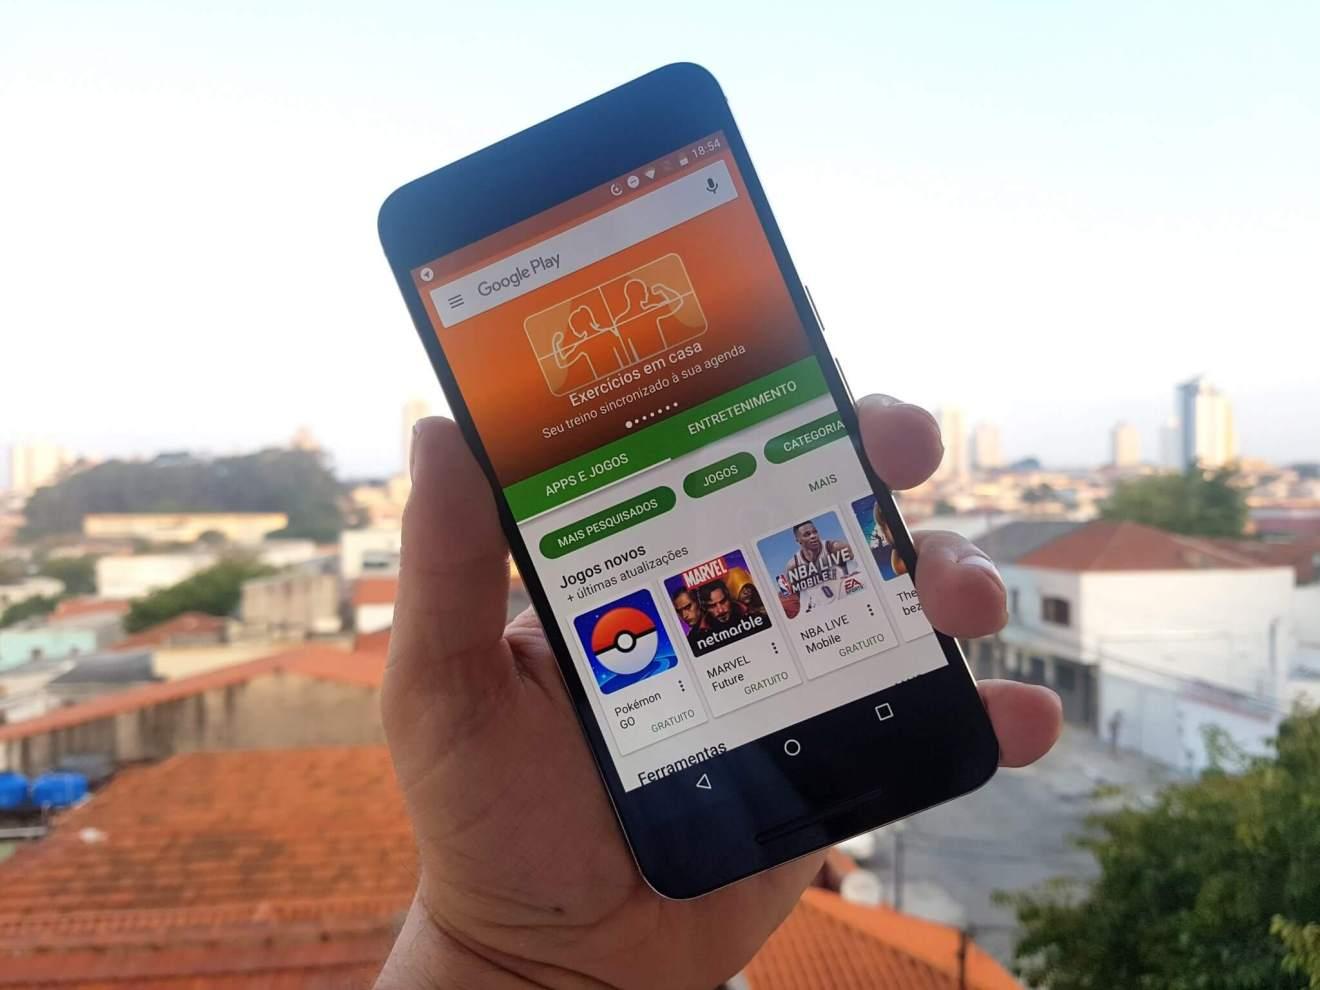 20161031 185435 - Google aumenta o controle contra reviews e apps falsos na Play Store